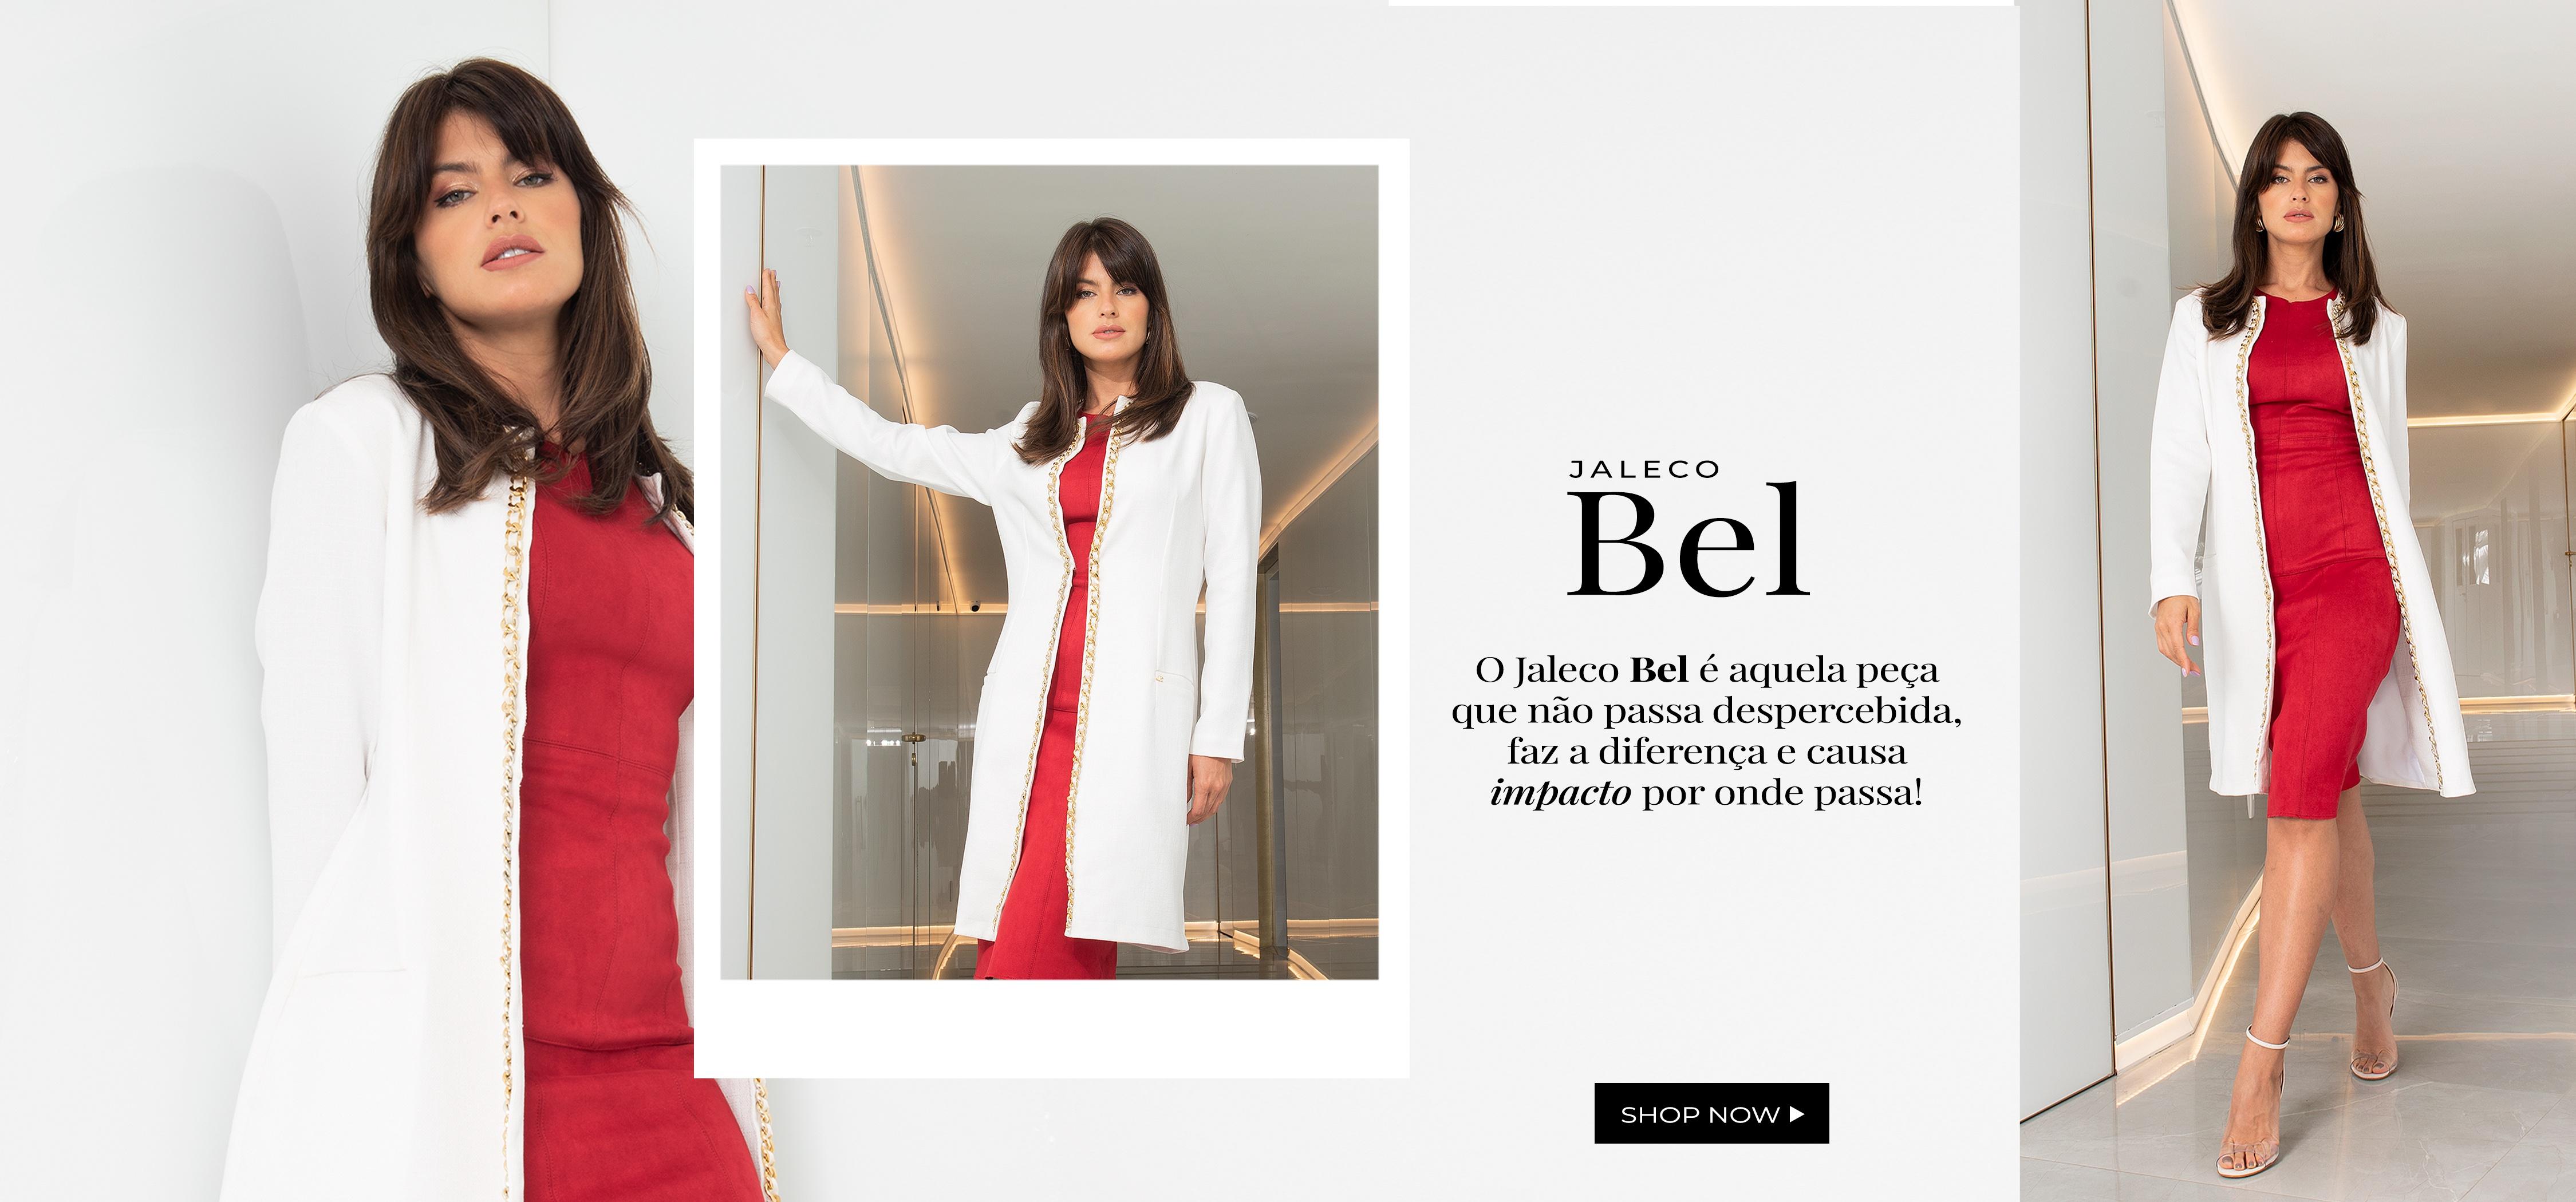 https://www.jalecochic.com.br/mais-vendidos/jaleco-feminino-bel